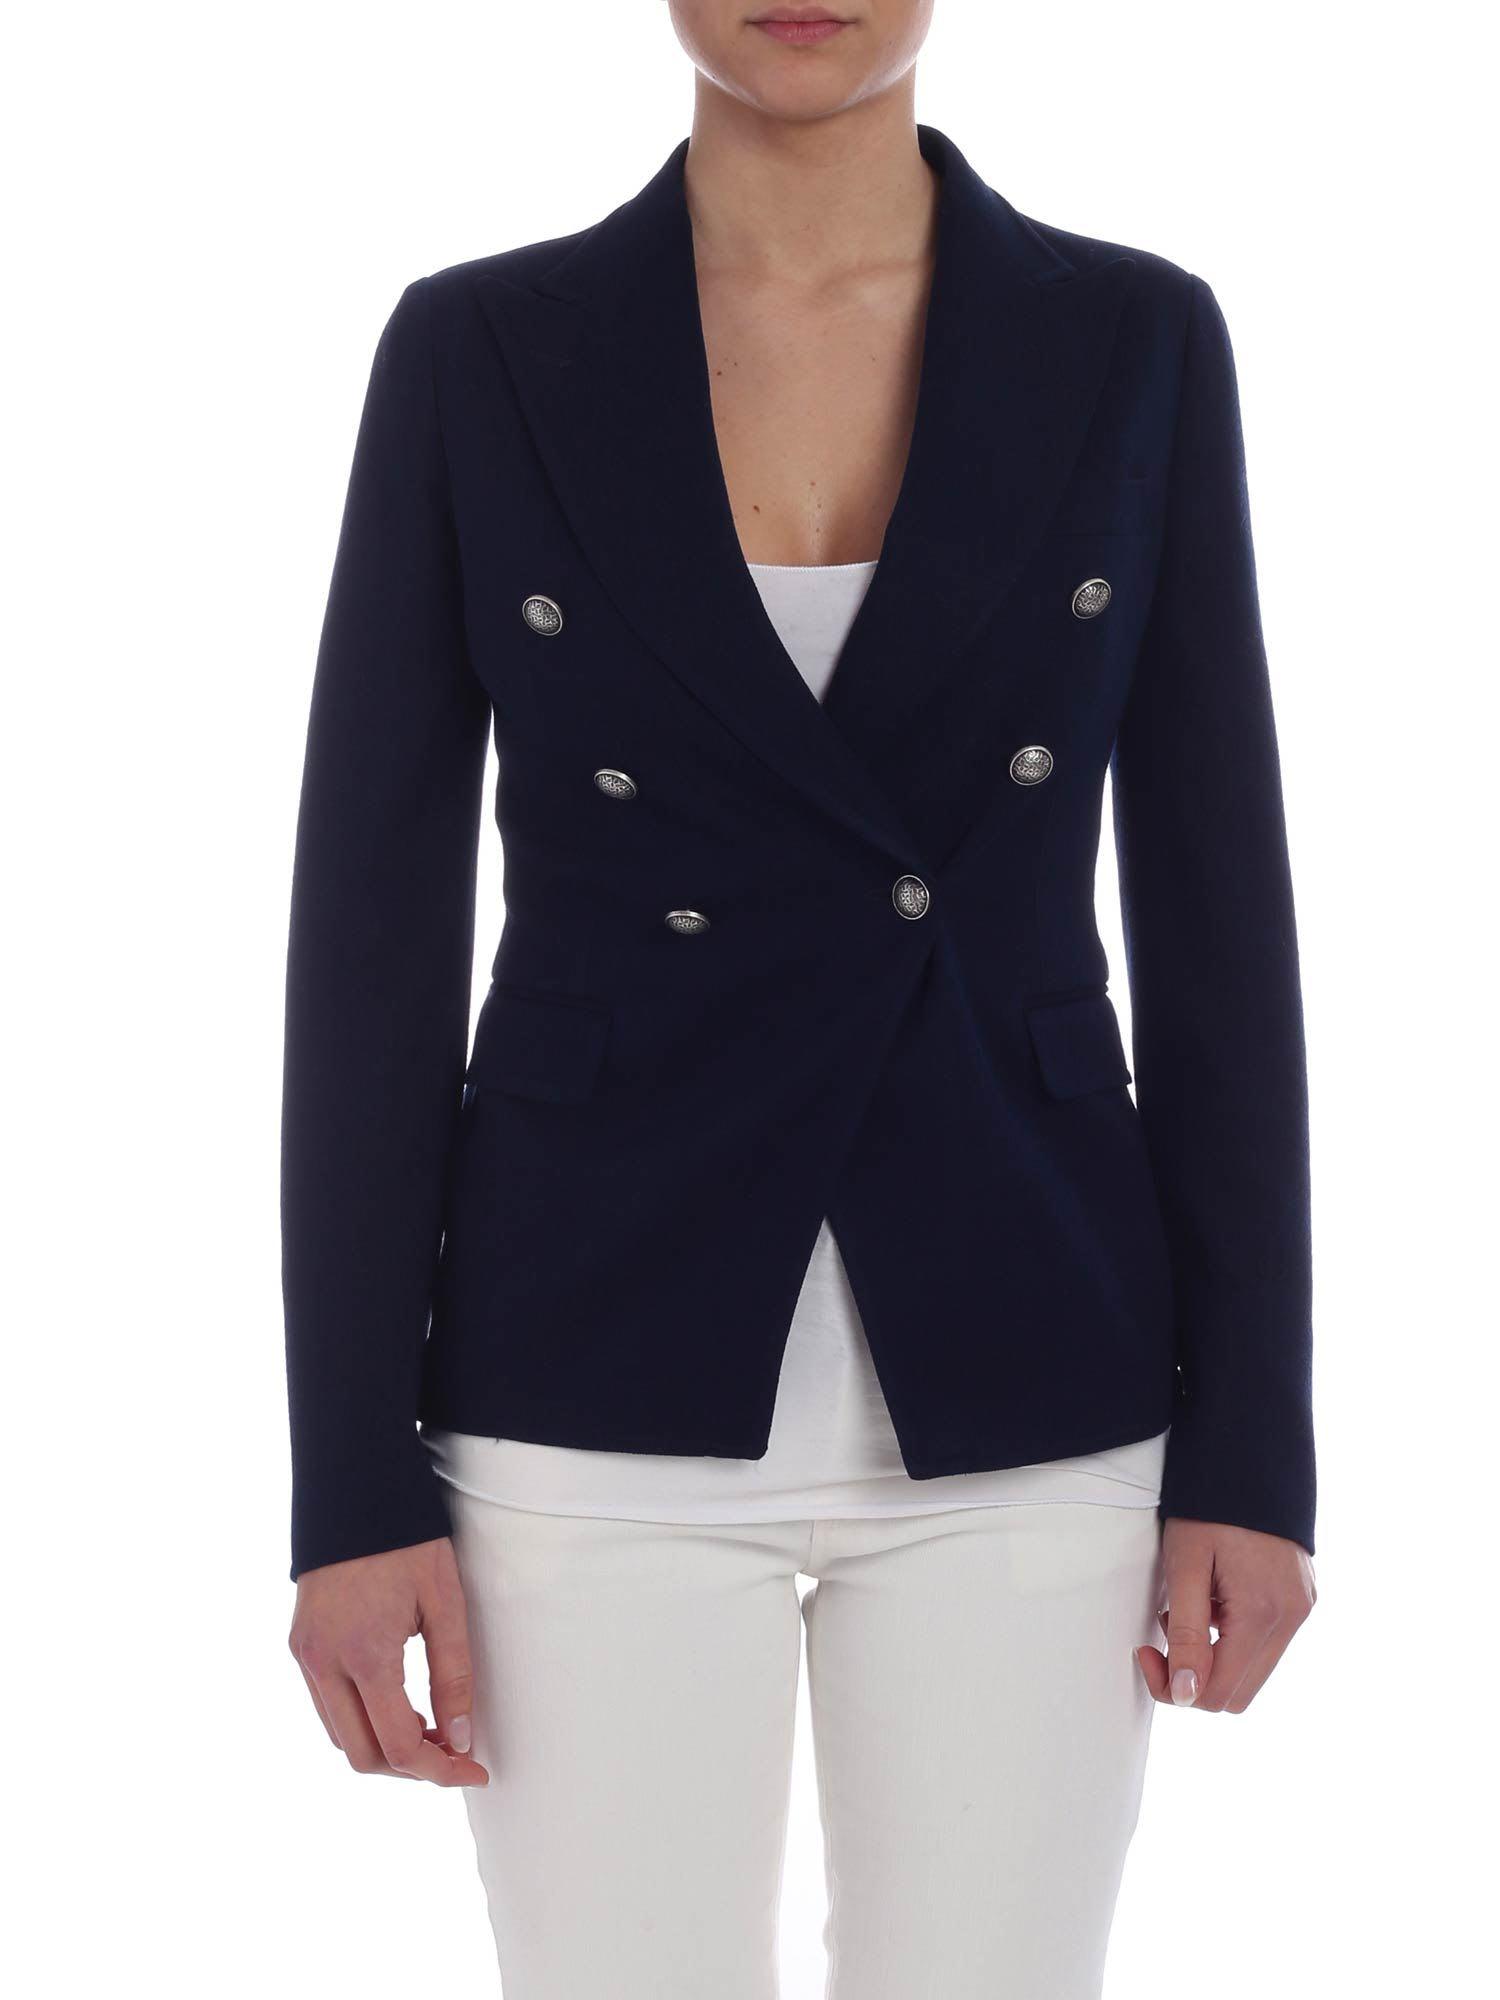 Tagliatore – Jacket